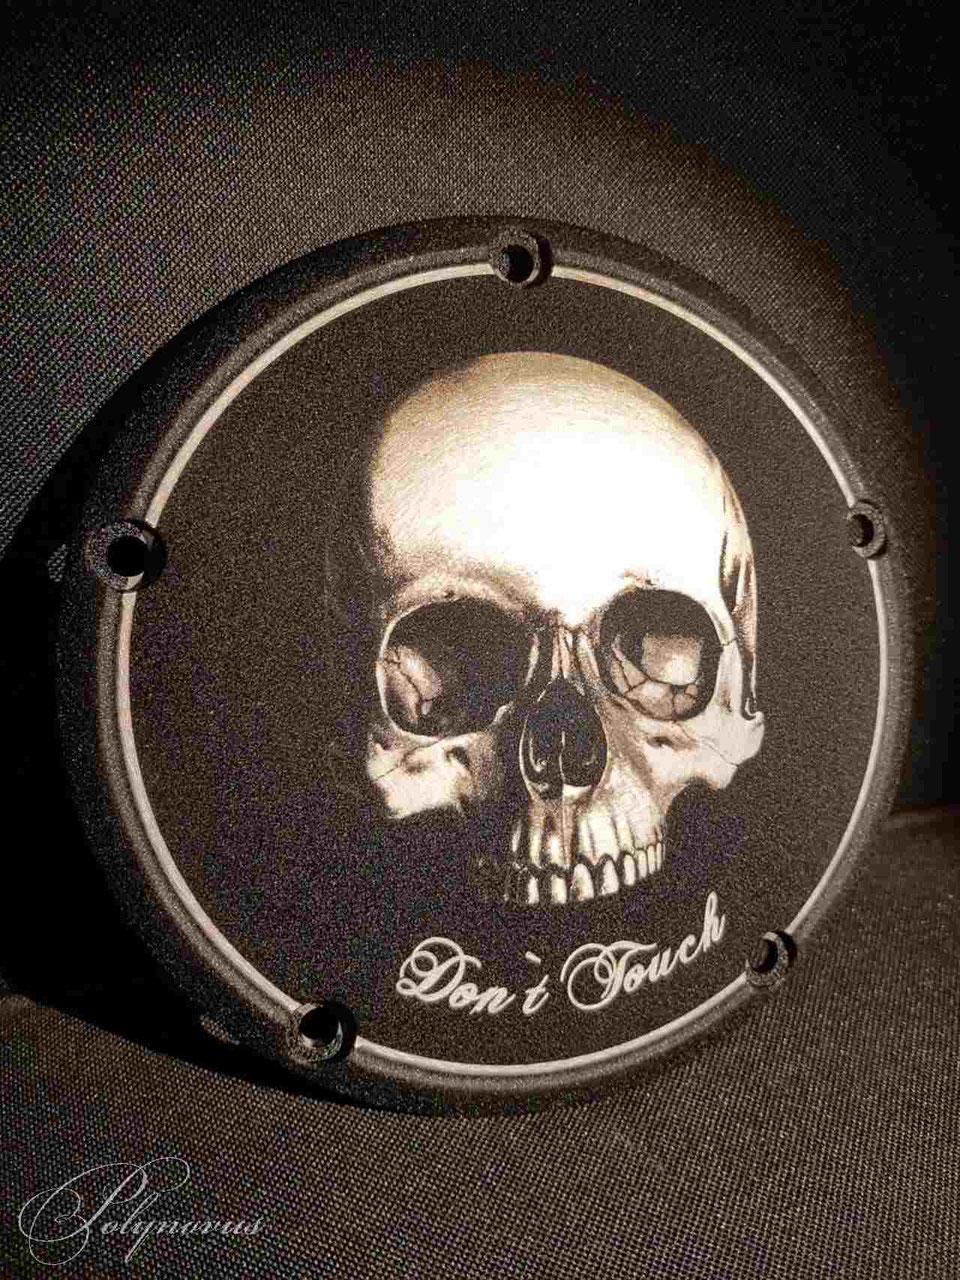 Chrom Kupplungsdeckel Derbycover für Harley Dyna Softail Bike Chopper